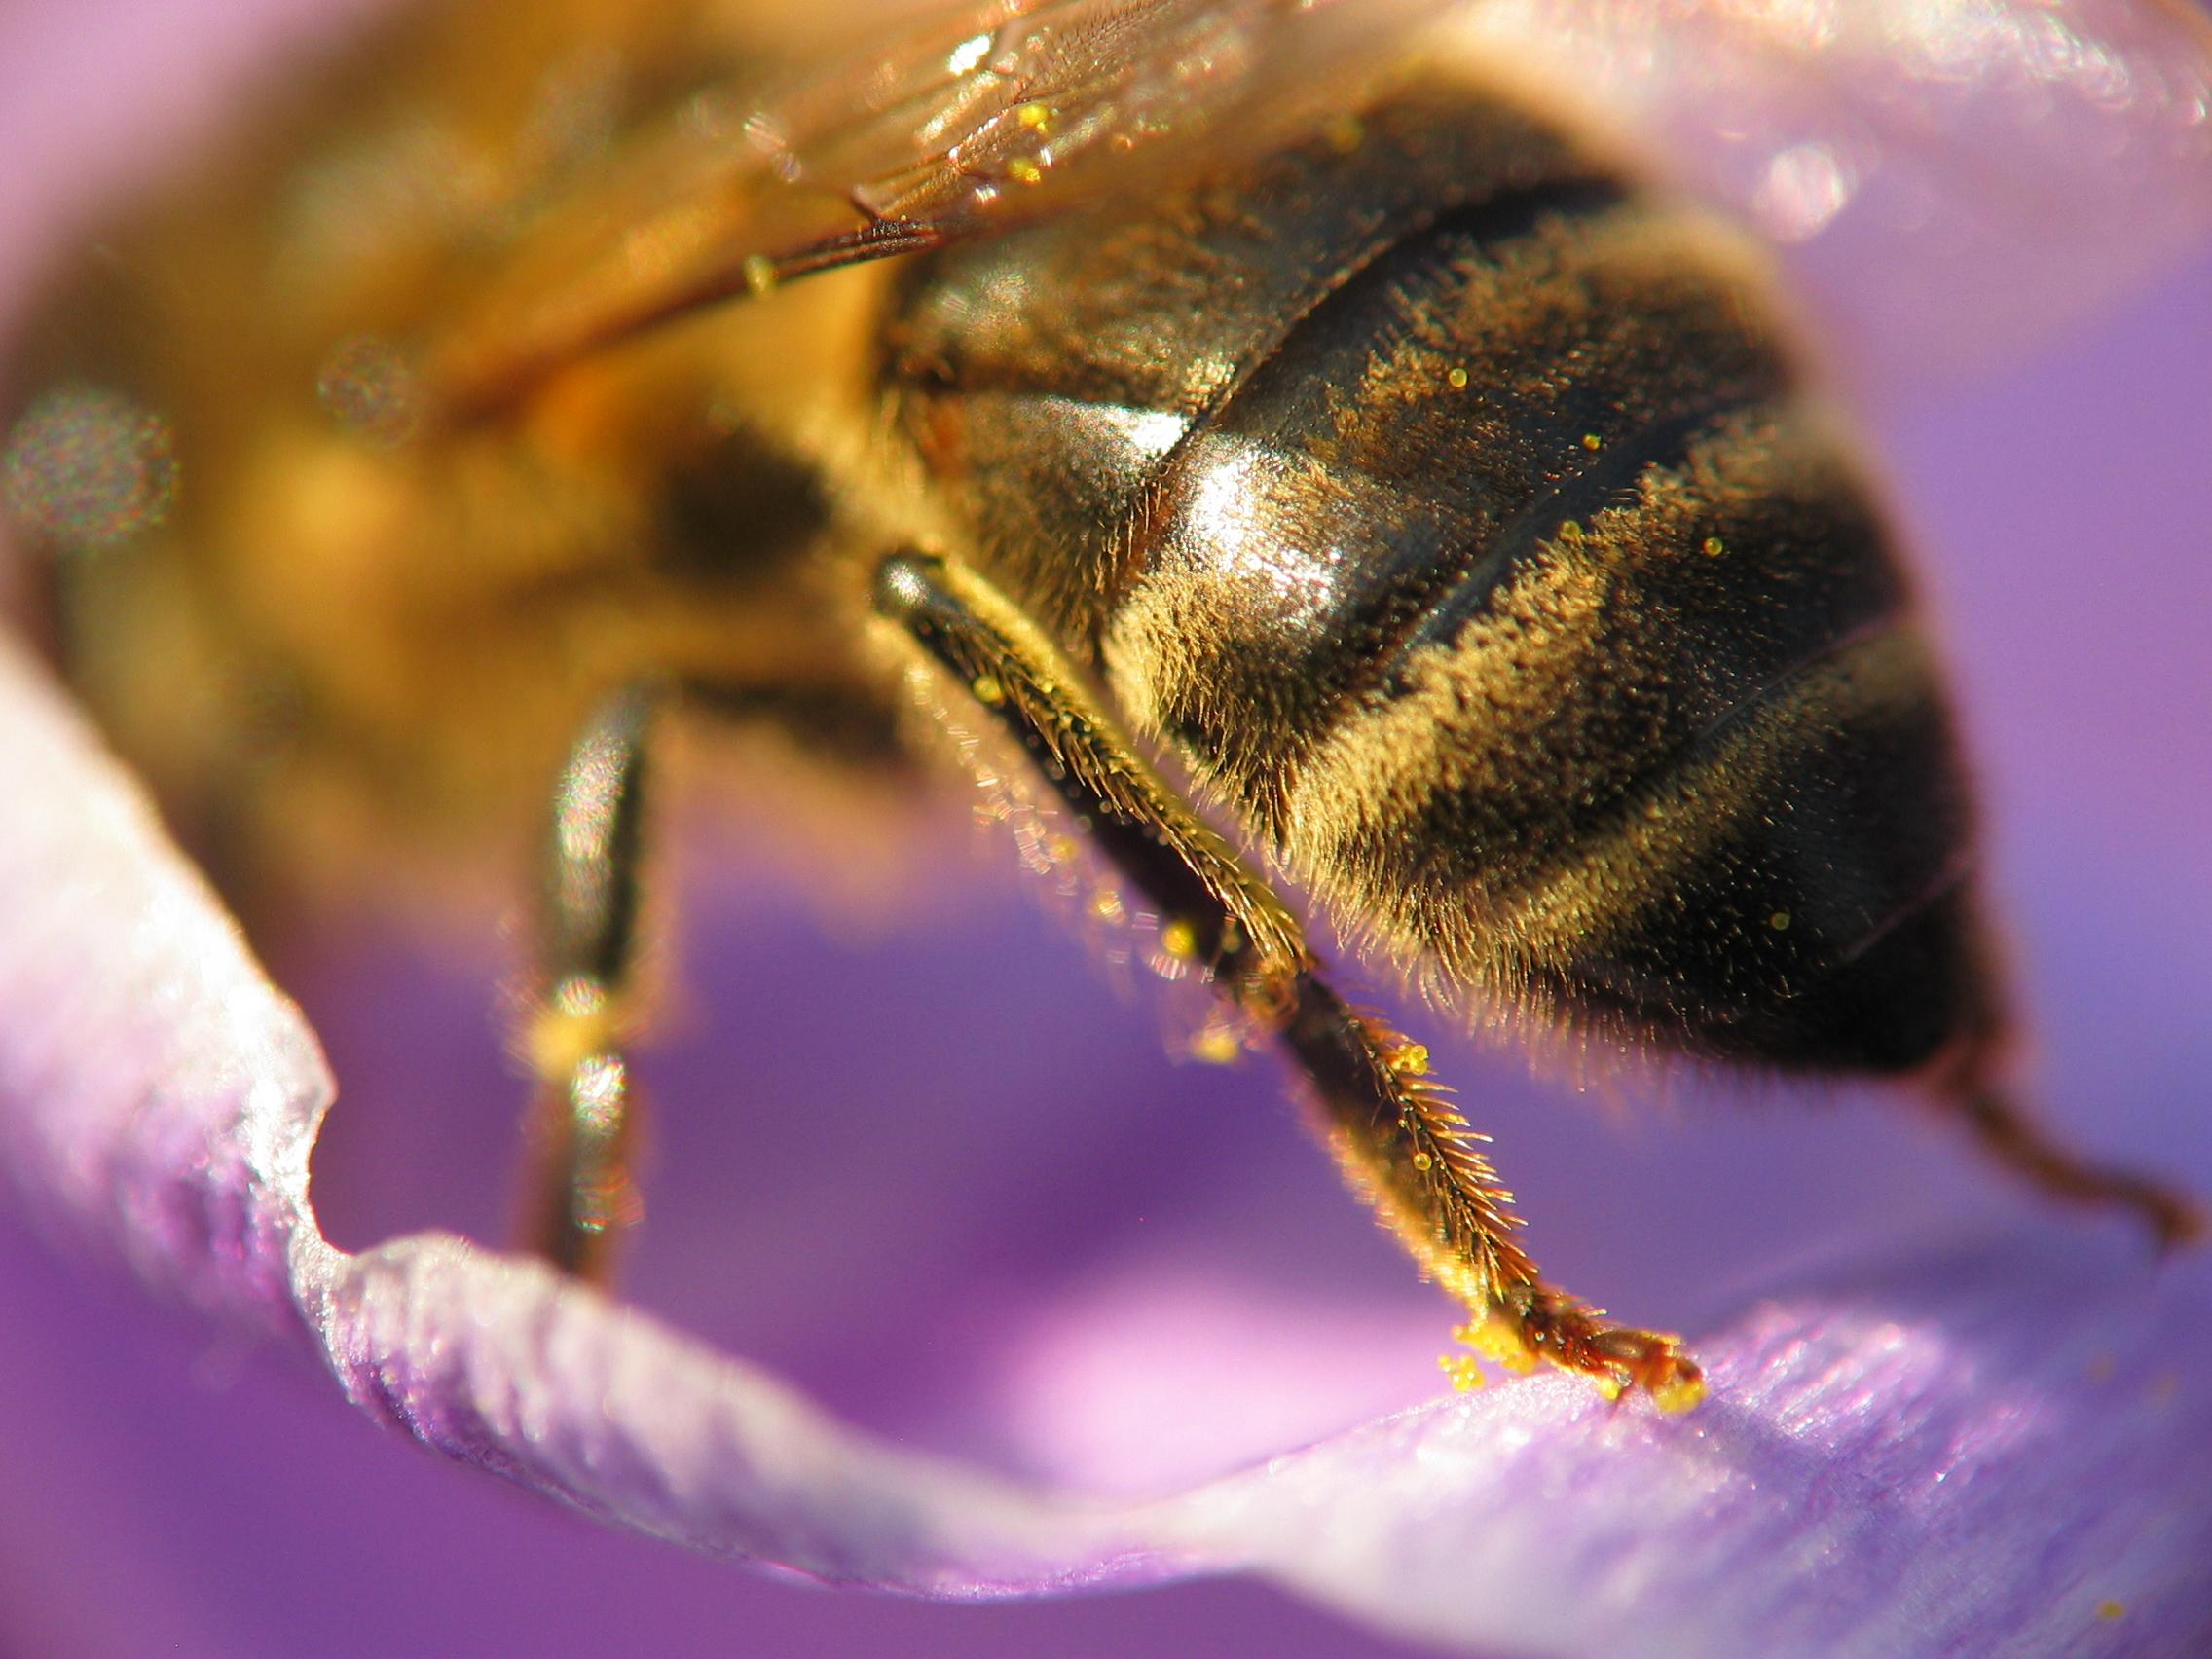 Bee_crocus_macro_3.jpg (2272×1704)